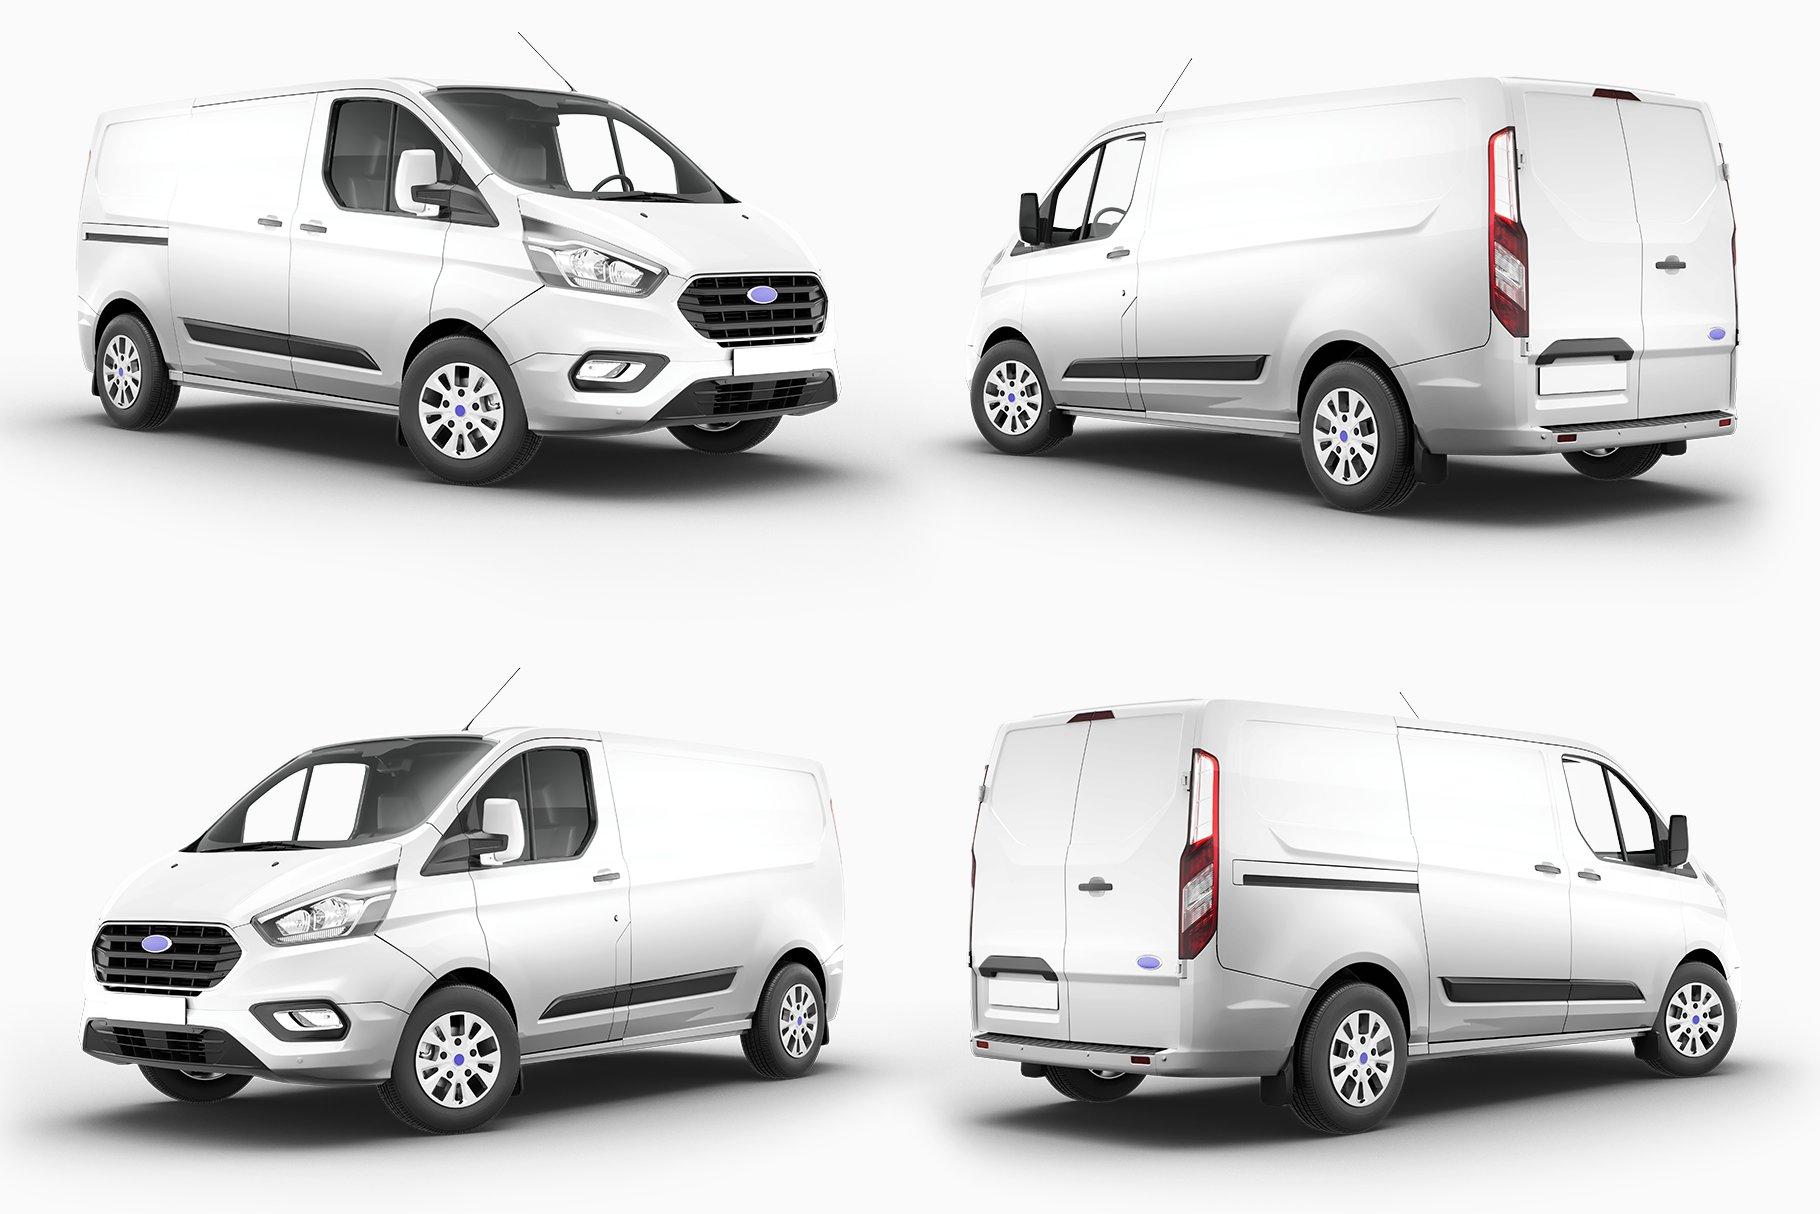 8个封闭面包货车车身广告设计展示样机模板 Van Mockup 14插图10